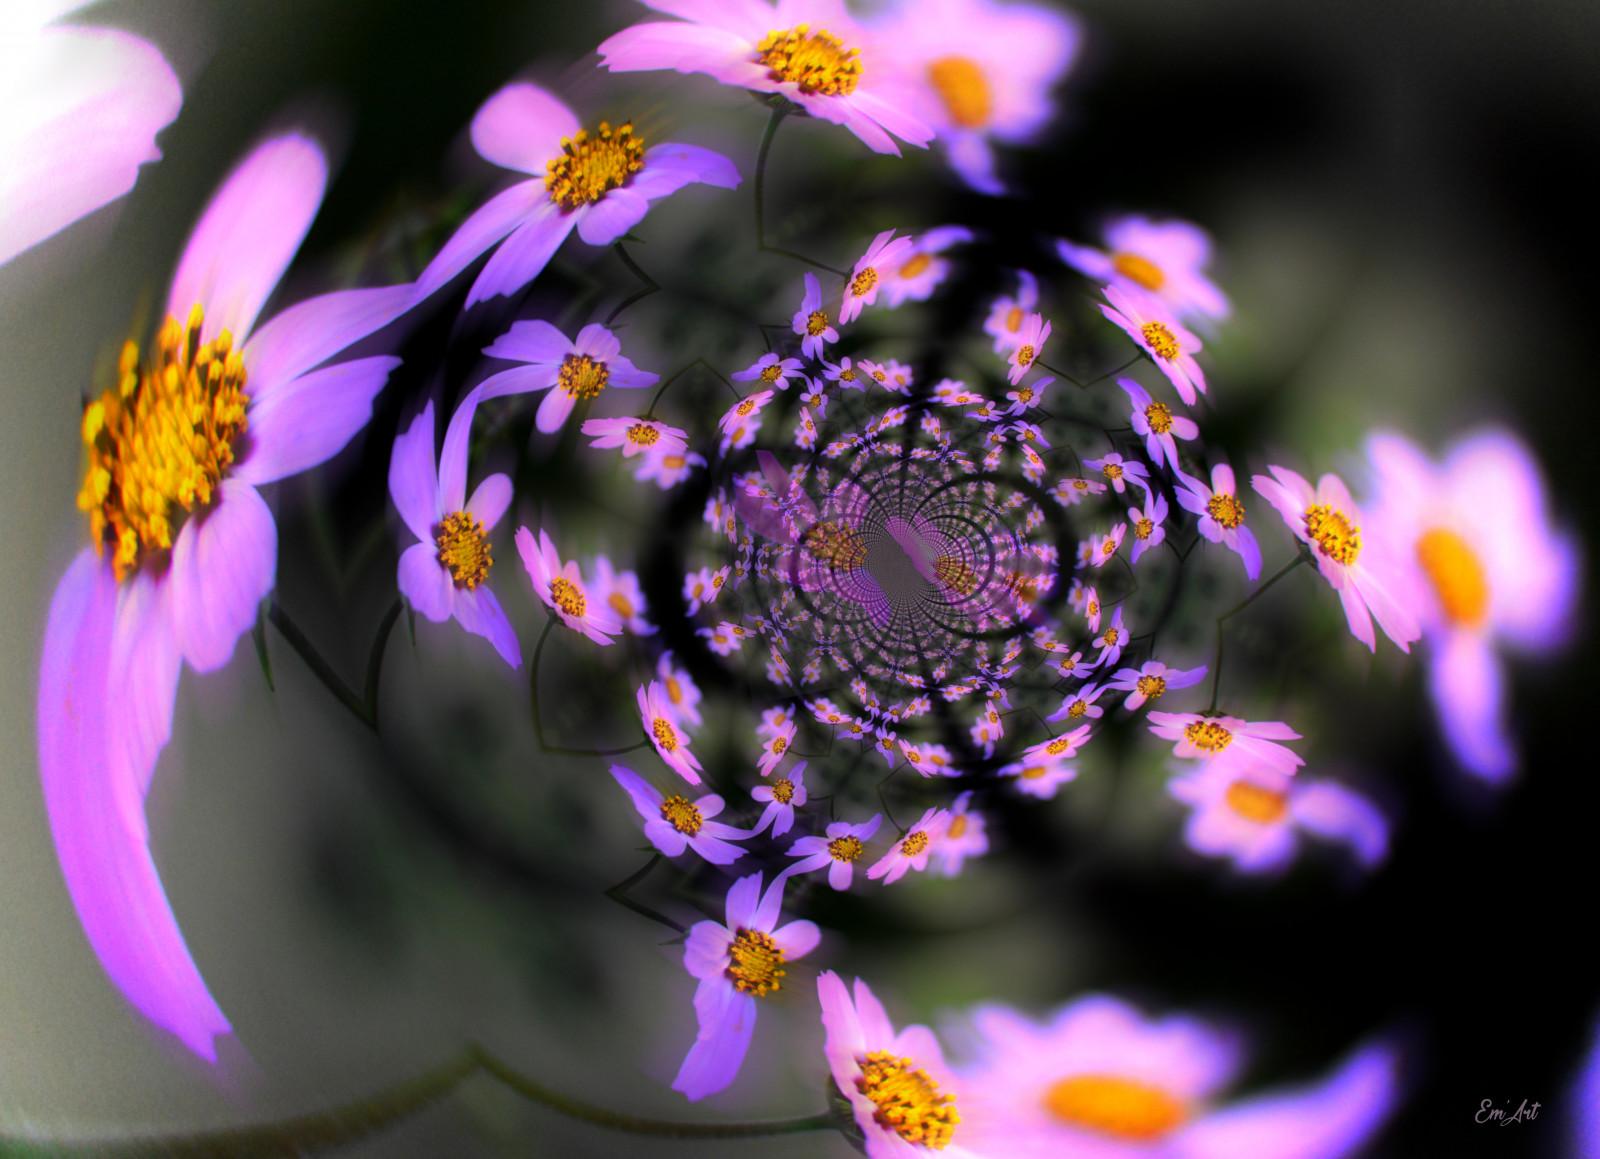 hintergrundbilder abstrakt natur liebe fotografie kunstwerk lila gelb fraktal rose. Black Bedroom Furniture Sets. Home Design Ideas